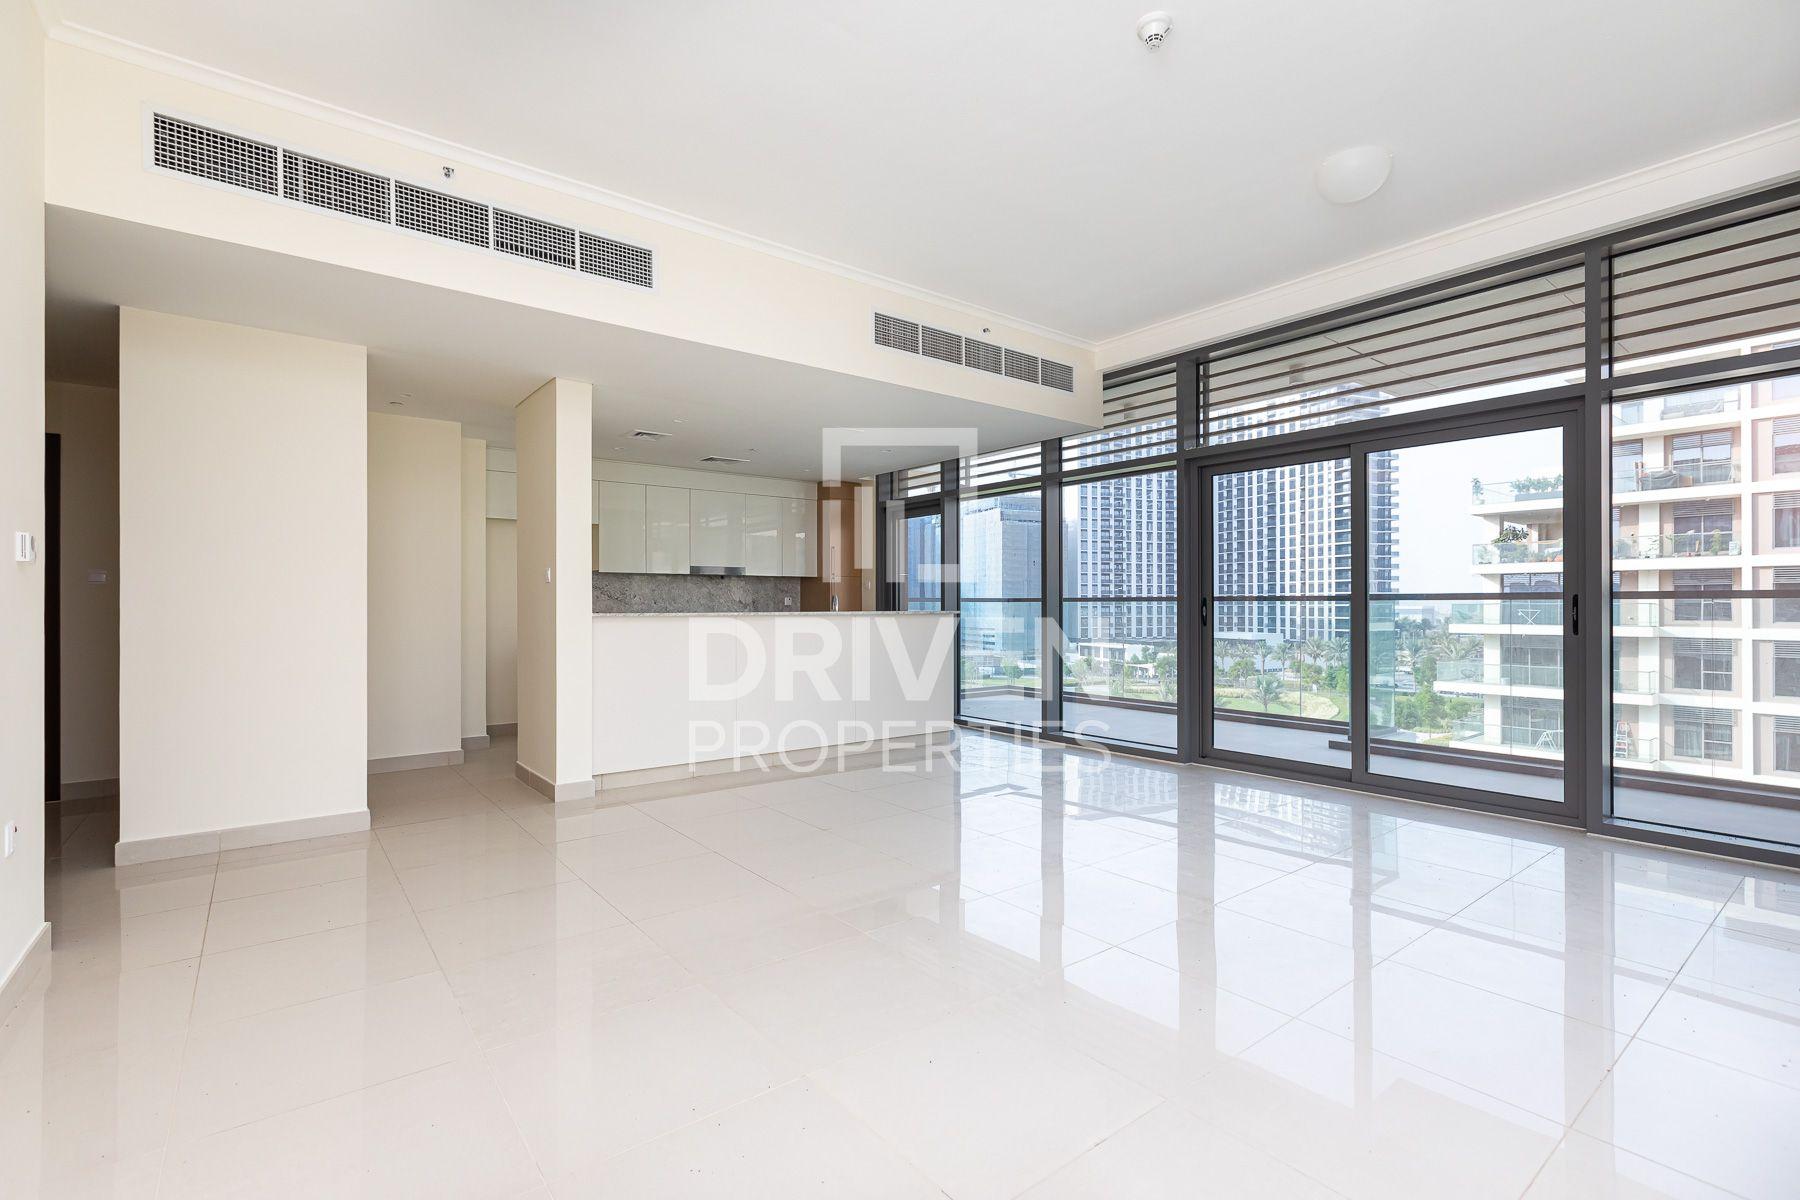 1,560 قدم مربع  شقة - للايجار - دبي هيلز استيت